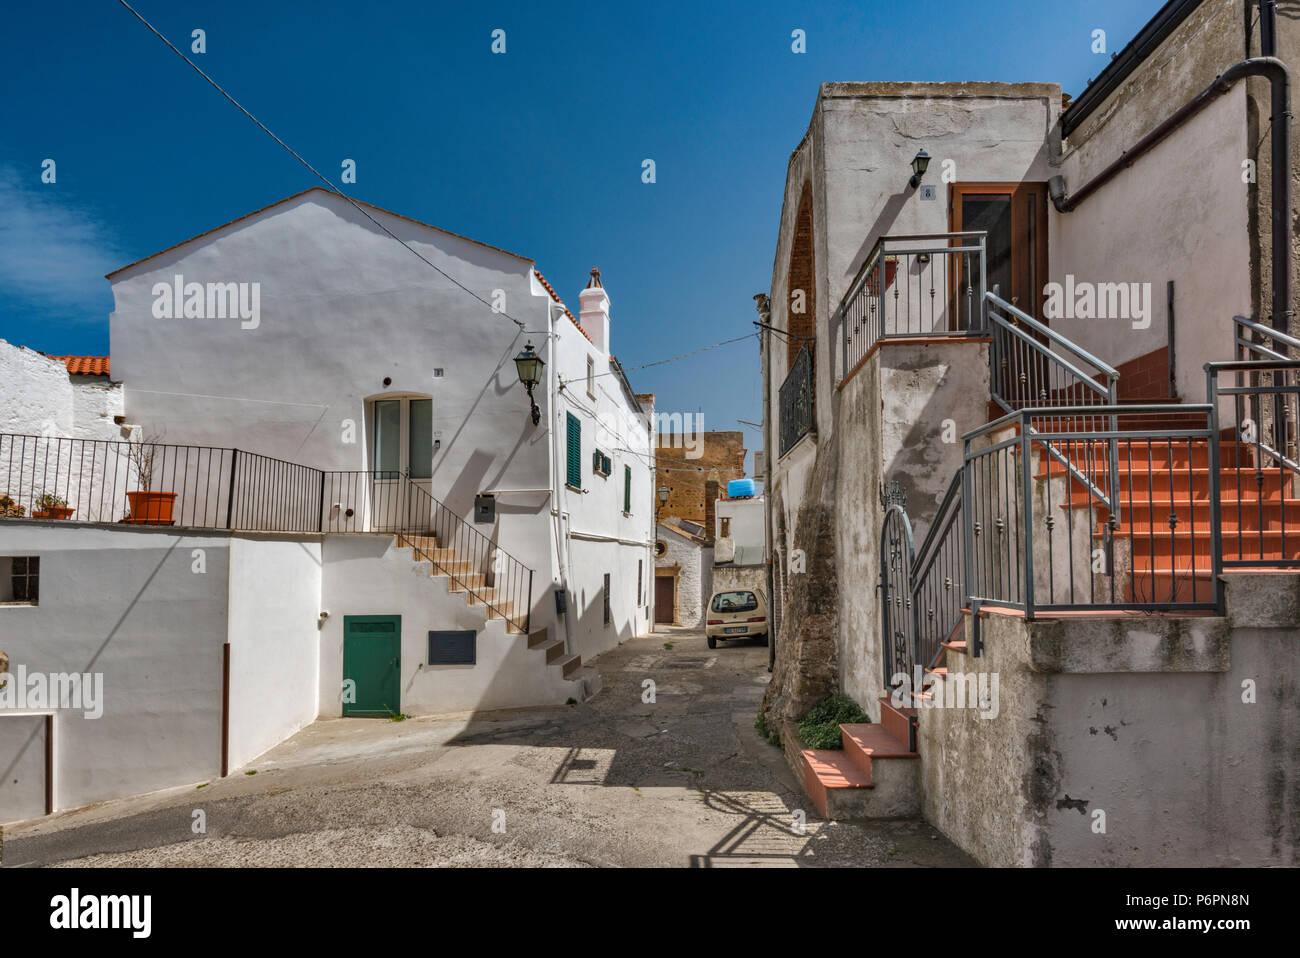 Street at Terravecchia hill, Pisticci, Basilicata, Italy - Stock Image